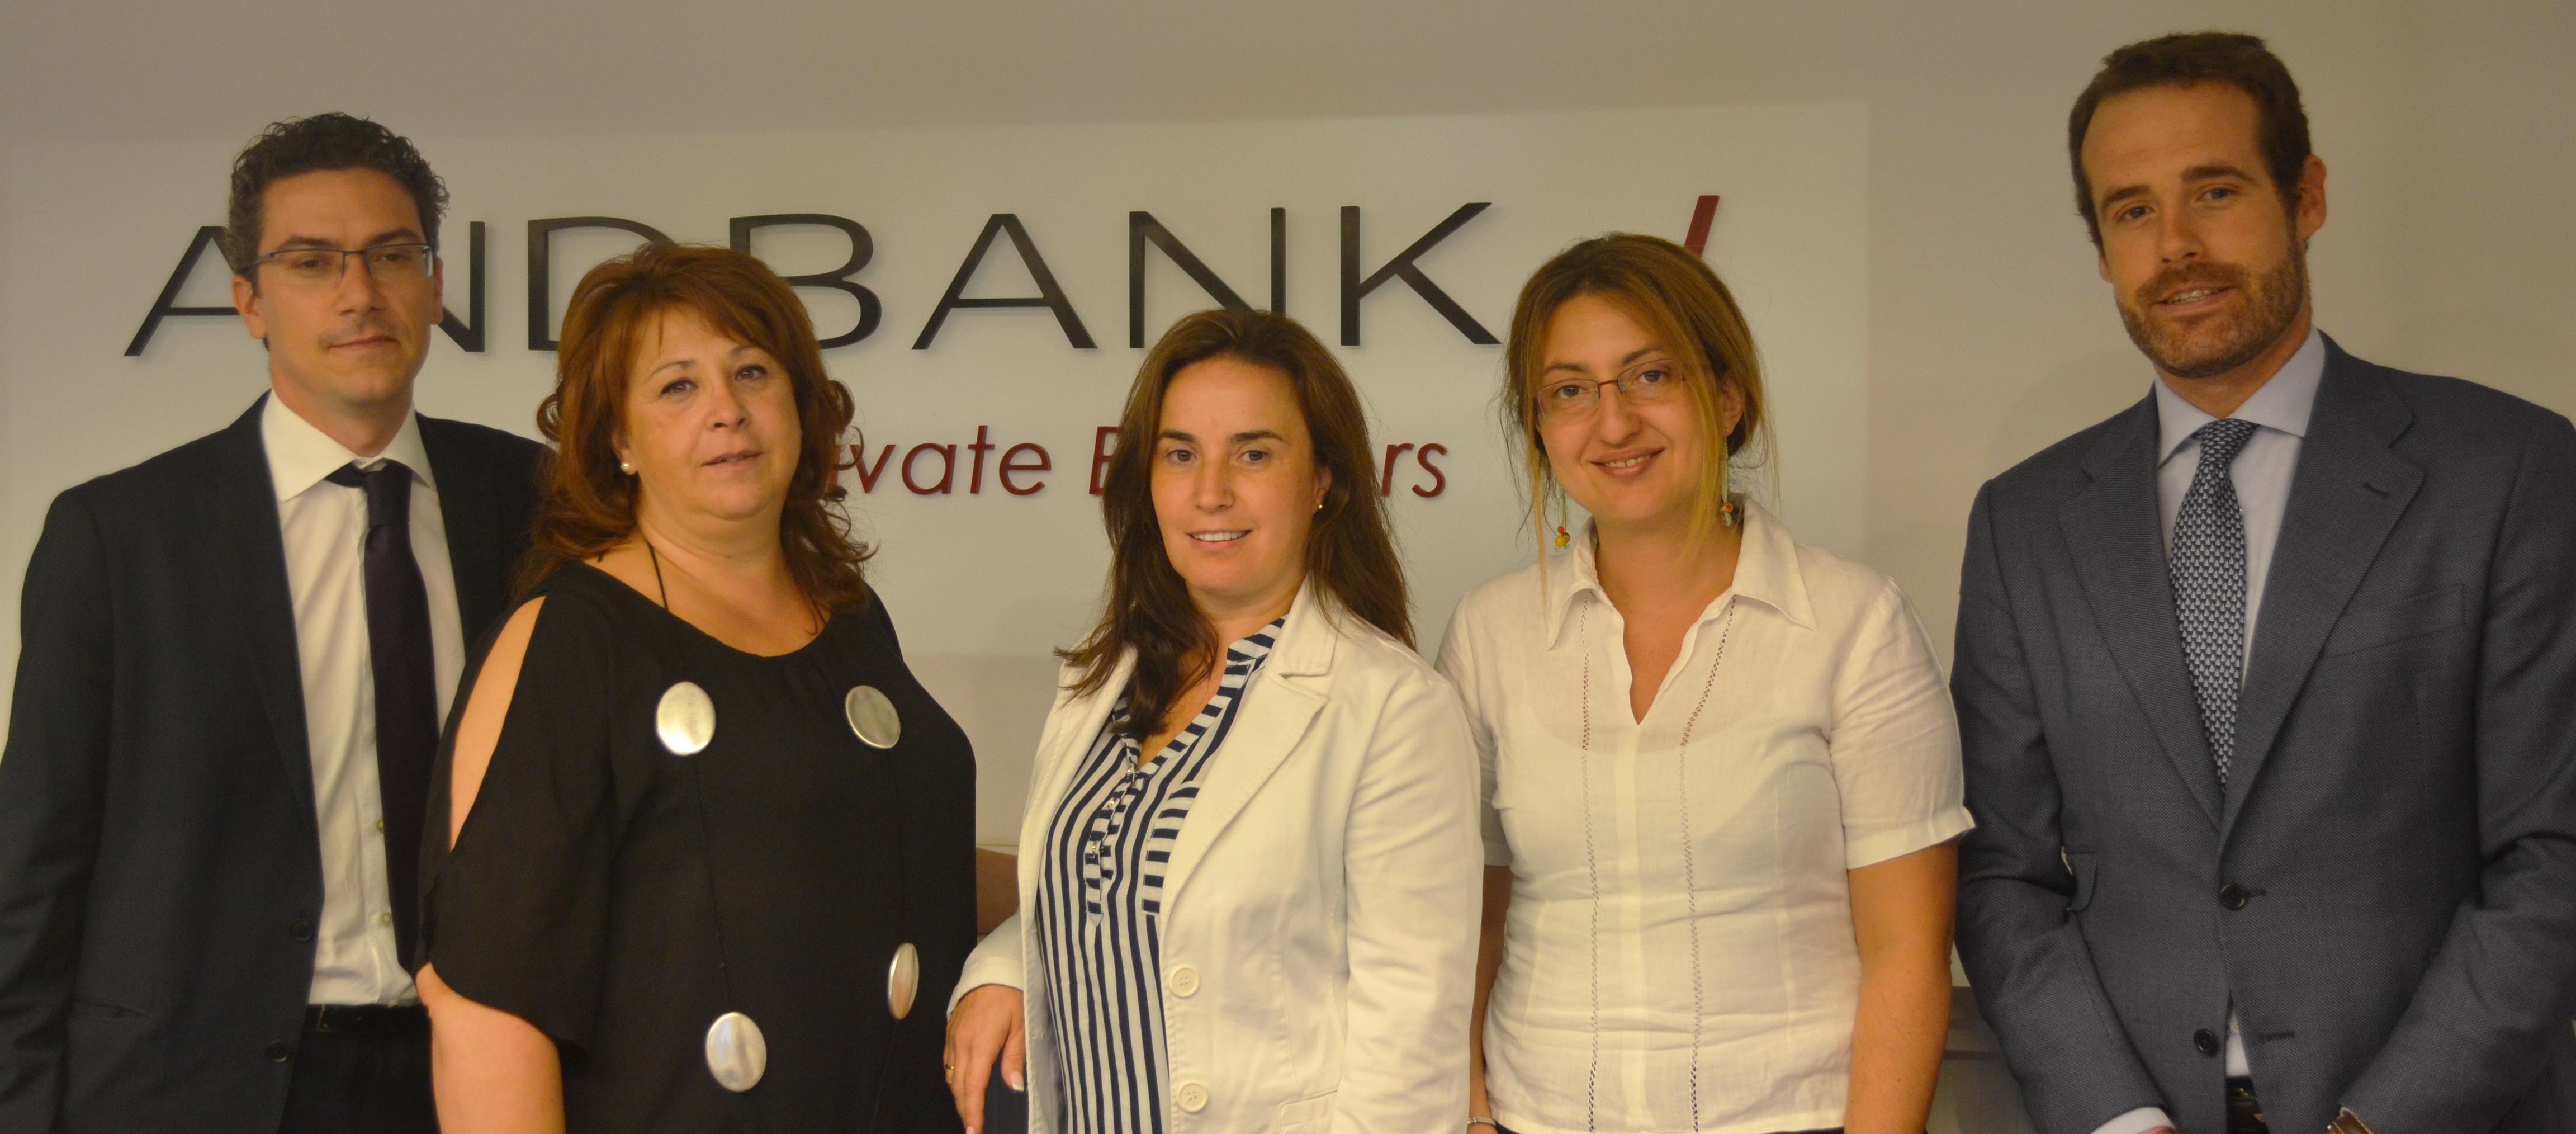 Andbank España y CCOO ponen en marcha el I Plan de Igualdad